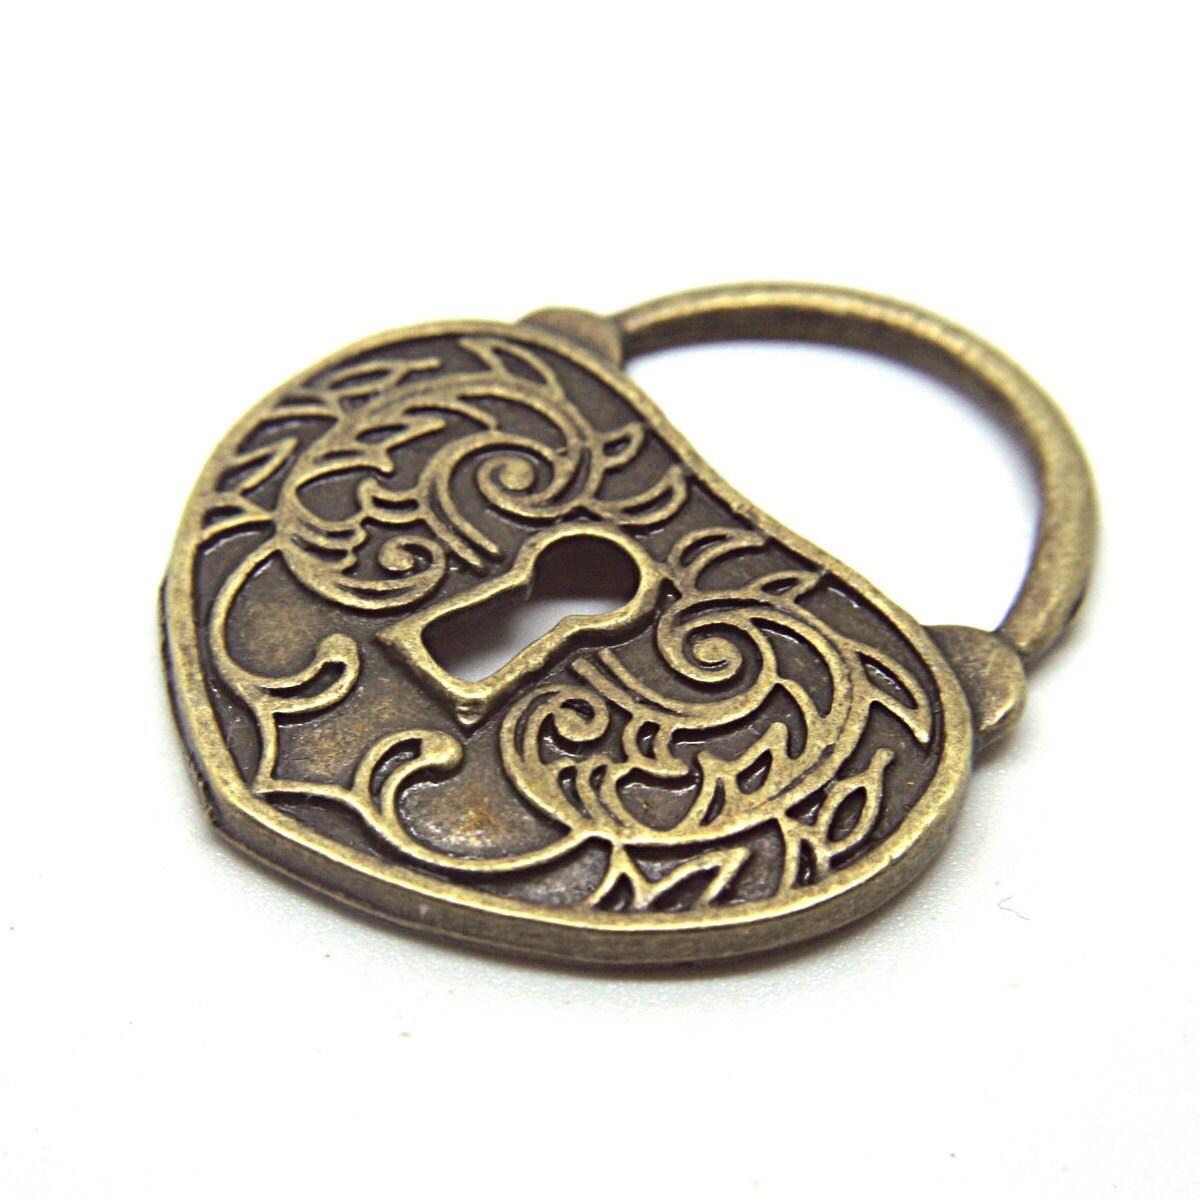 Antique Gold Heart Key Hole Pendant Charm Component